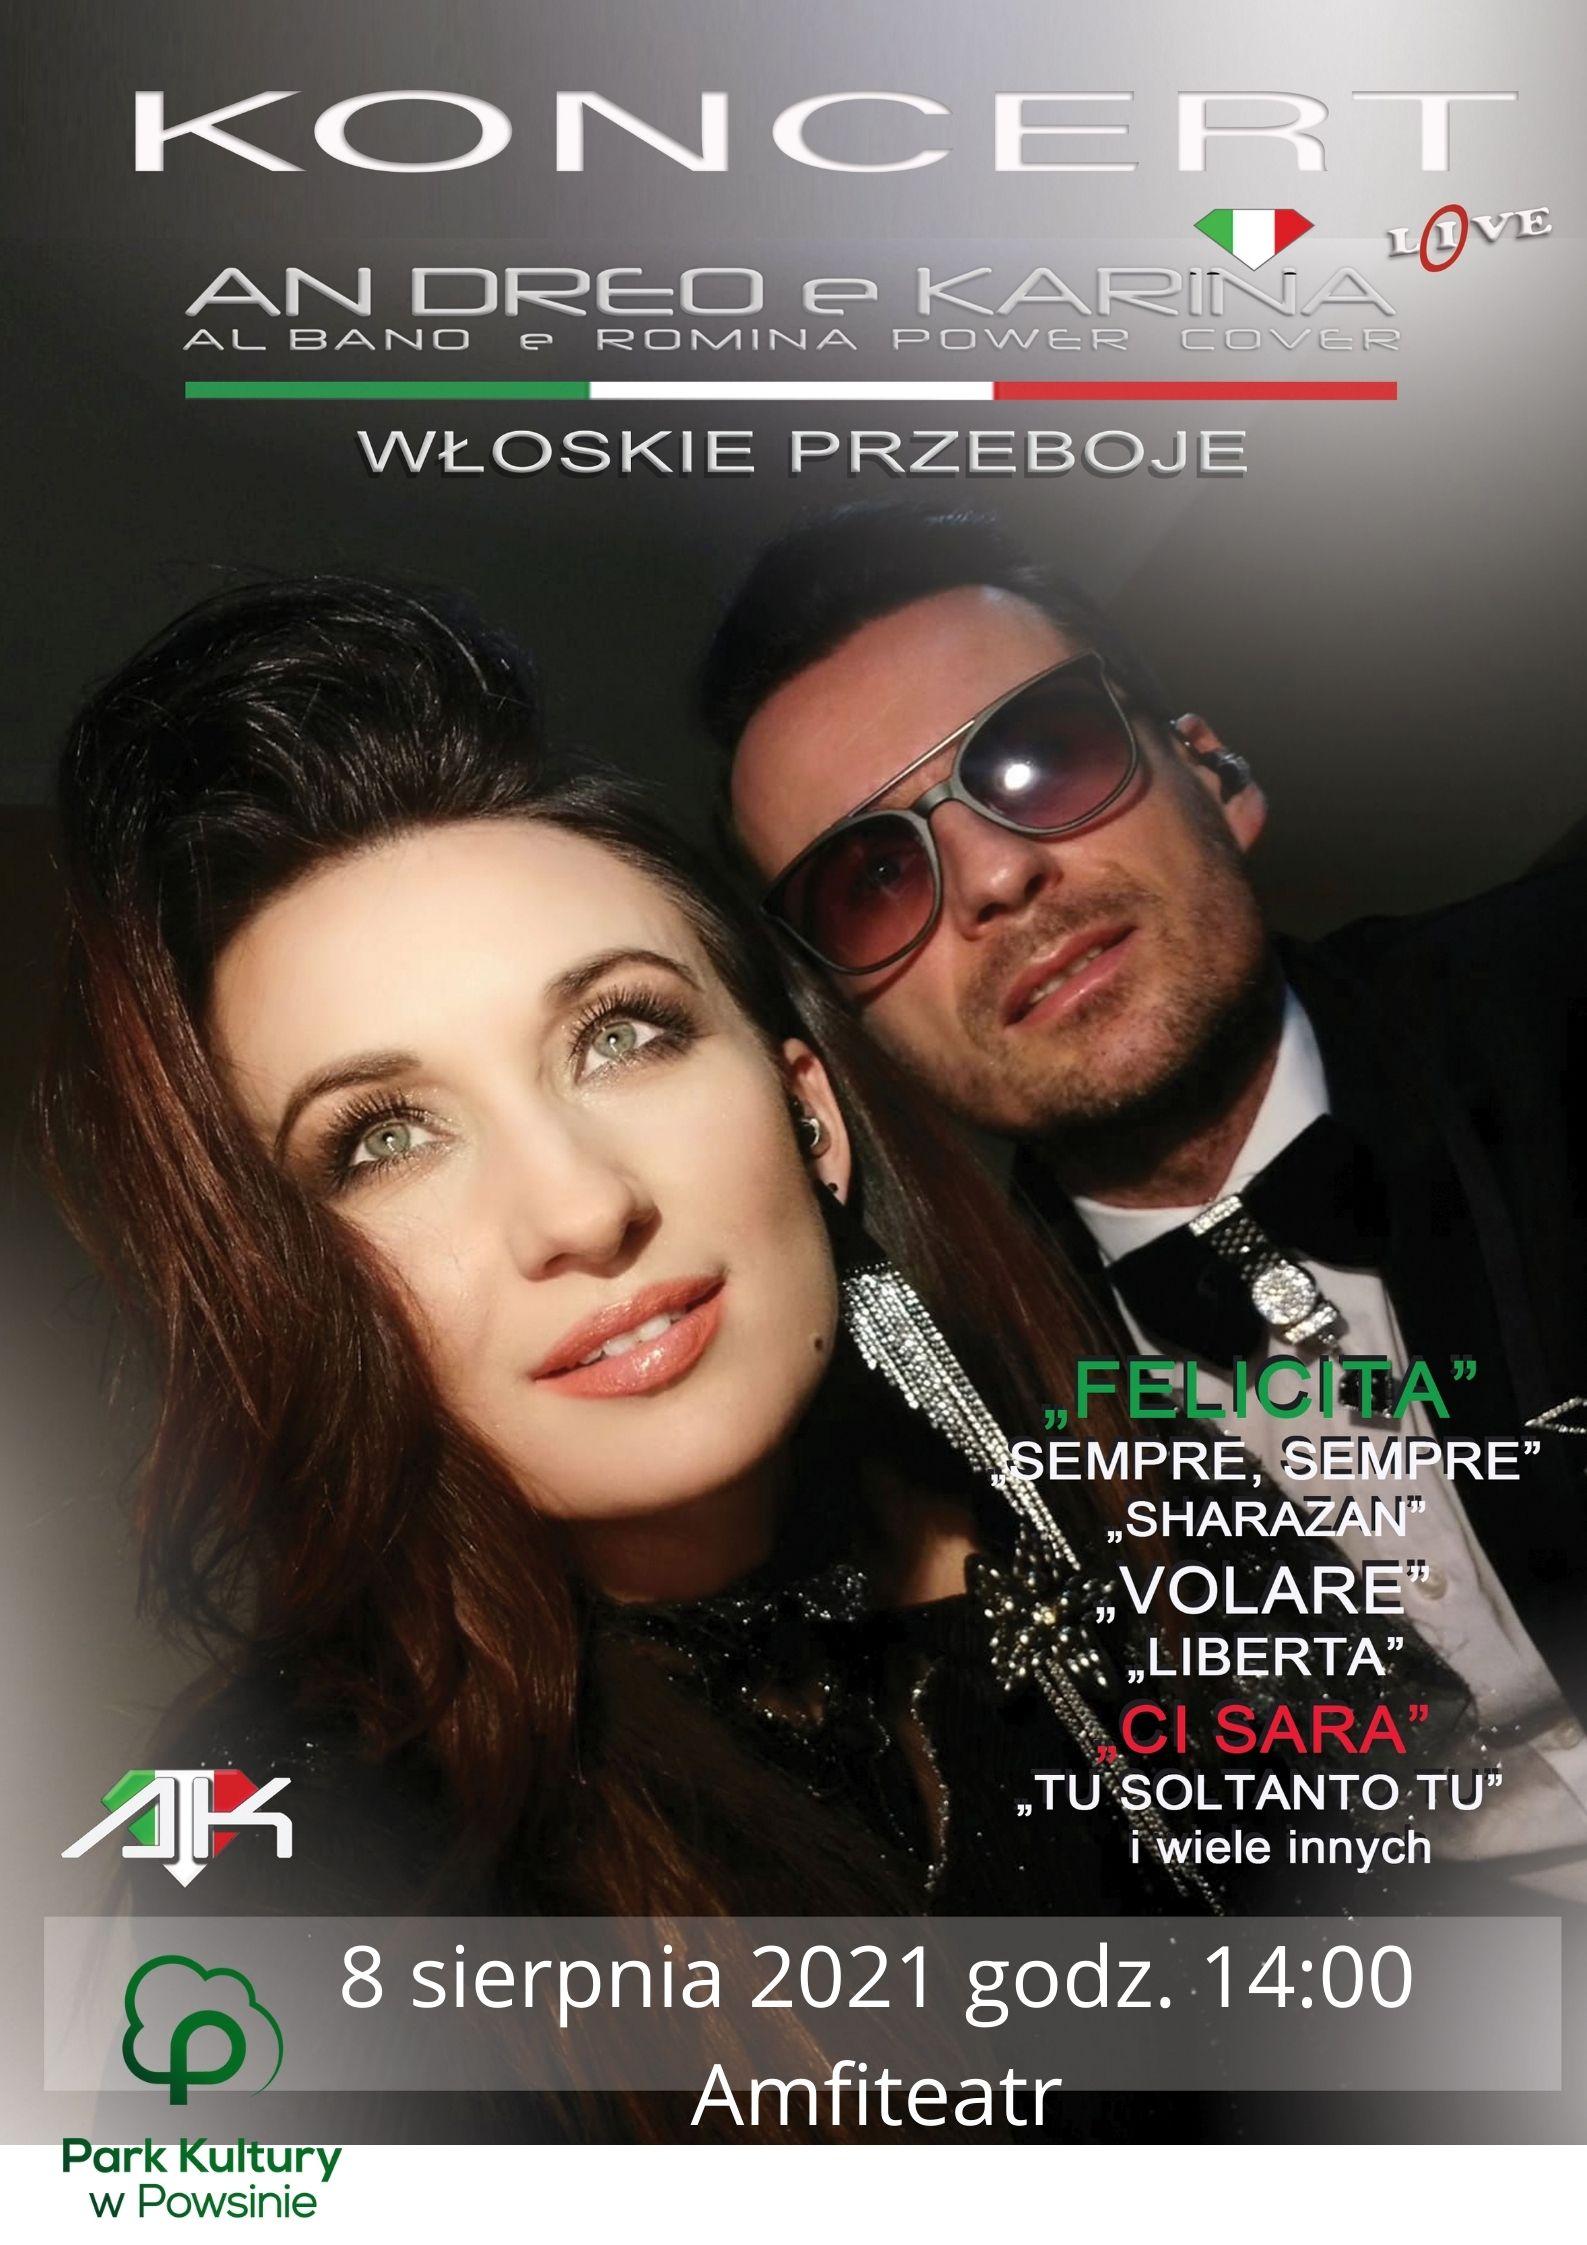 plakat informujący o koncercie andreo e karina 8 sierpnia o godzinie 14:00 w Amfiteatrze